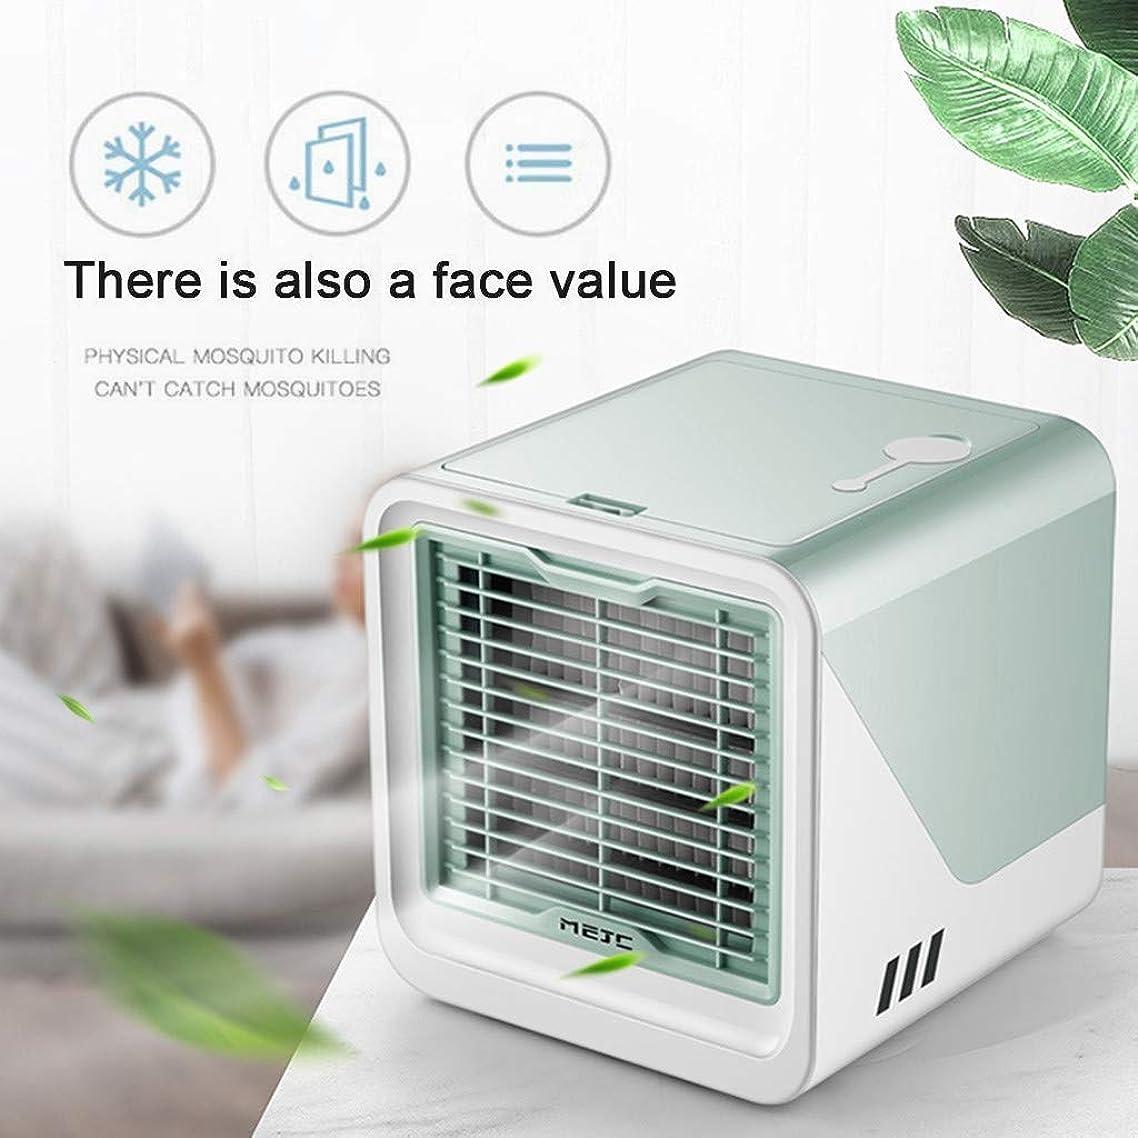 舌な現象ゼロオフィス用ホームエアコンファン、ポータブルミニUSBデスクトップテーブル冷却ファン超静かウォーターキューブ蒸発クーラー、3ファンスピード、多色ナイトライト(グリーン) (Color : Green)